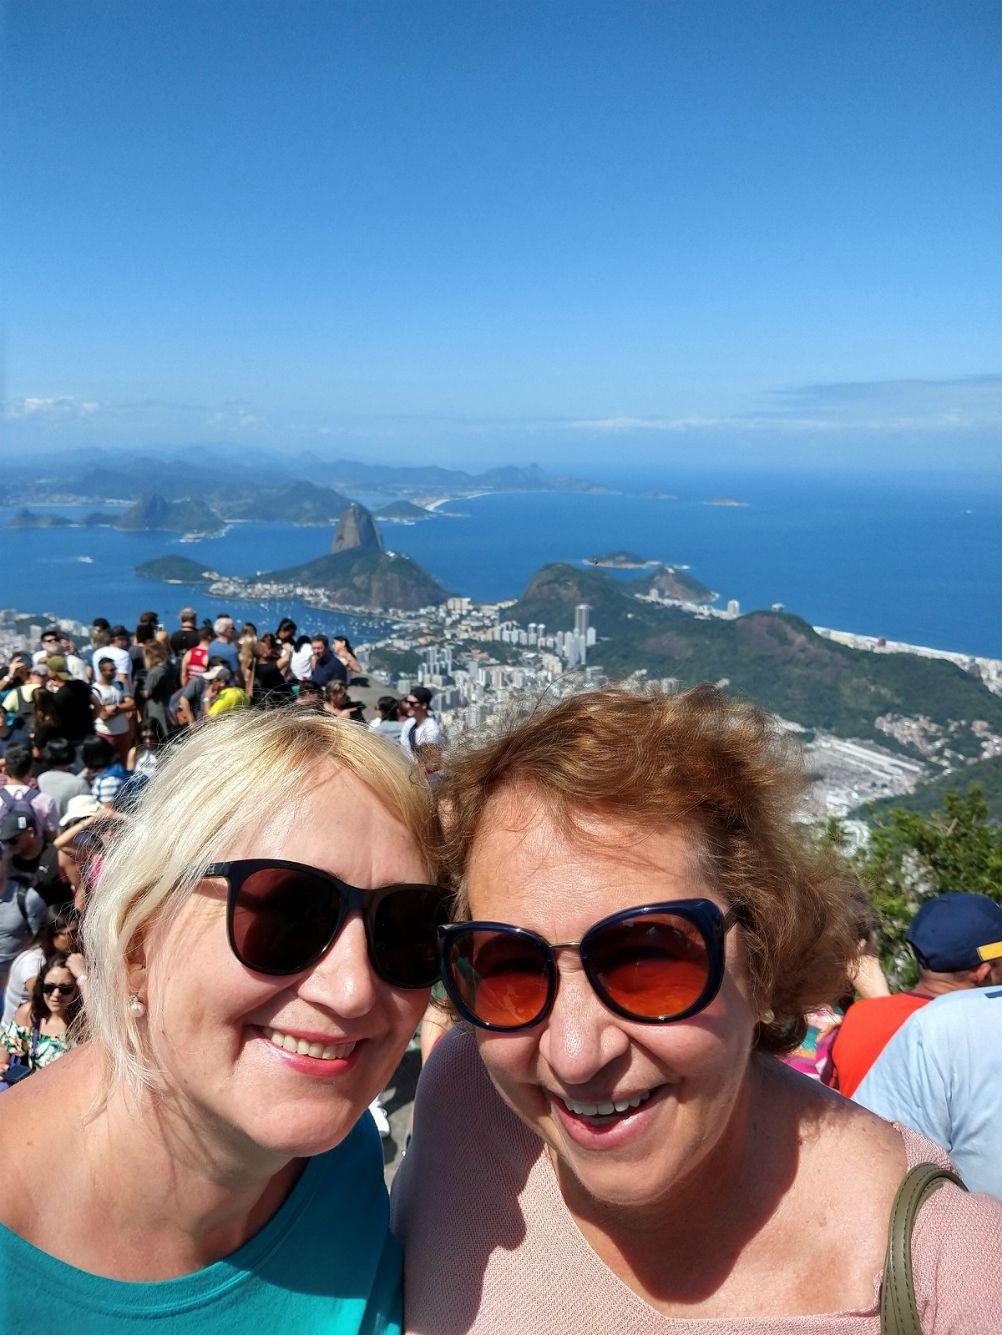 Daina Balasevičienė kartu su Sonia – lietuviškų šaknų turinčia brazile. Po netikėtos pažinties Kėdainiuose moterys tapo geromis draugėmis. / Asmeninio archyvo nuotr.